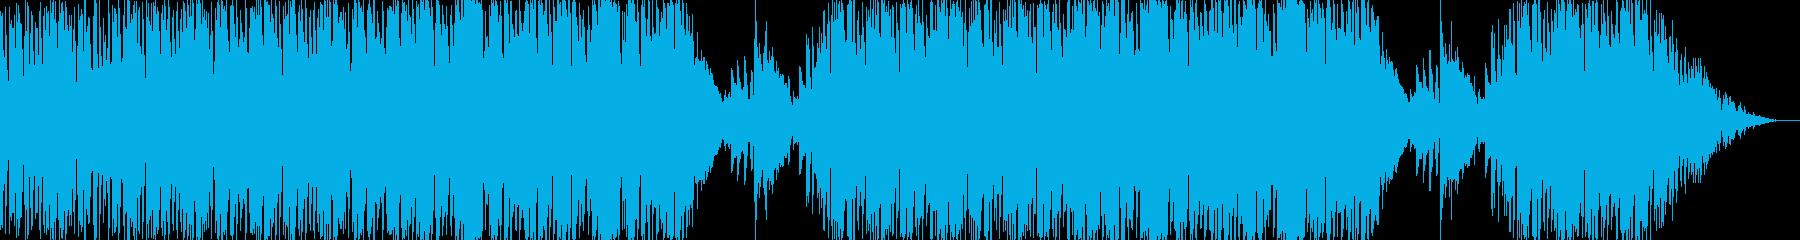 ほのぼのした雰囲気の楽曲の再生済みの波形